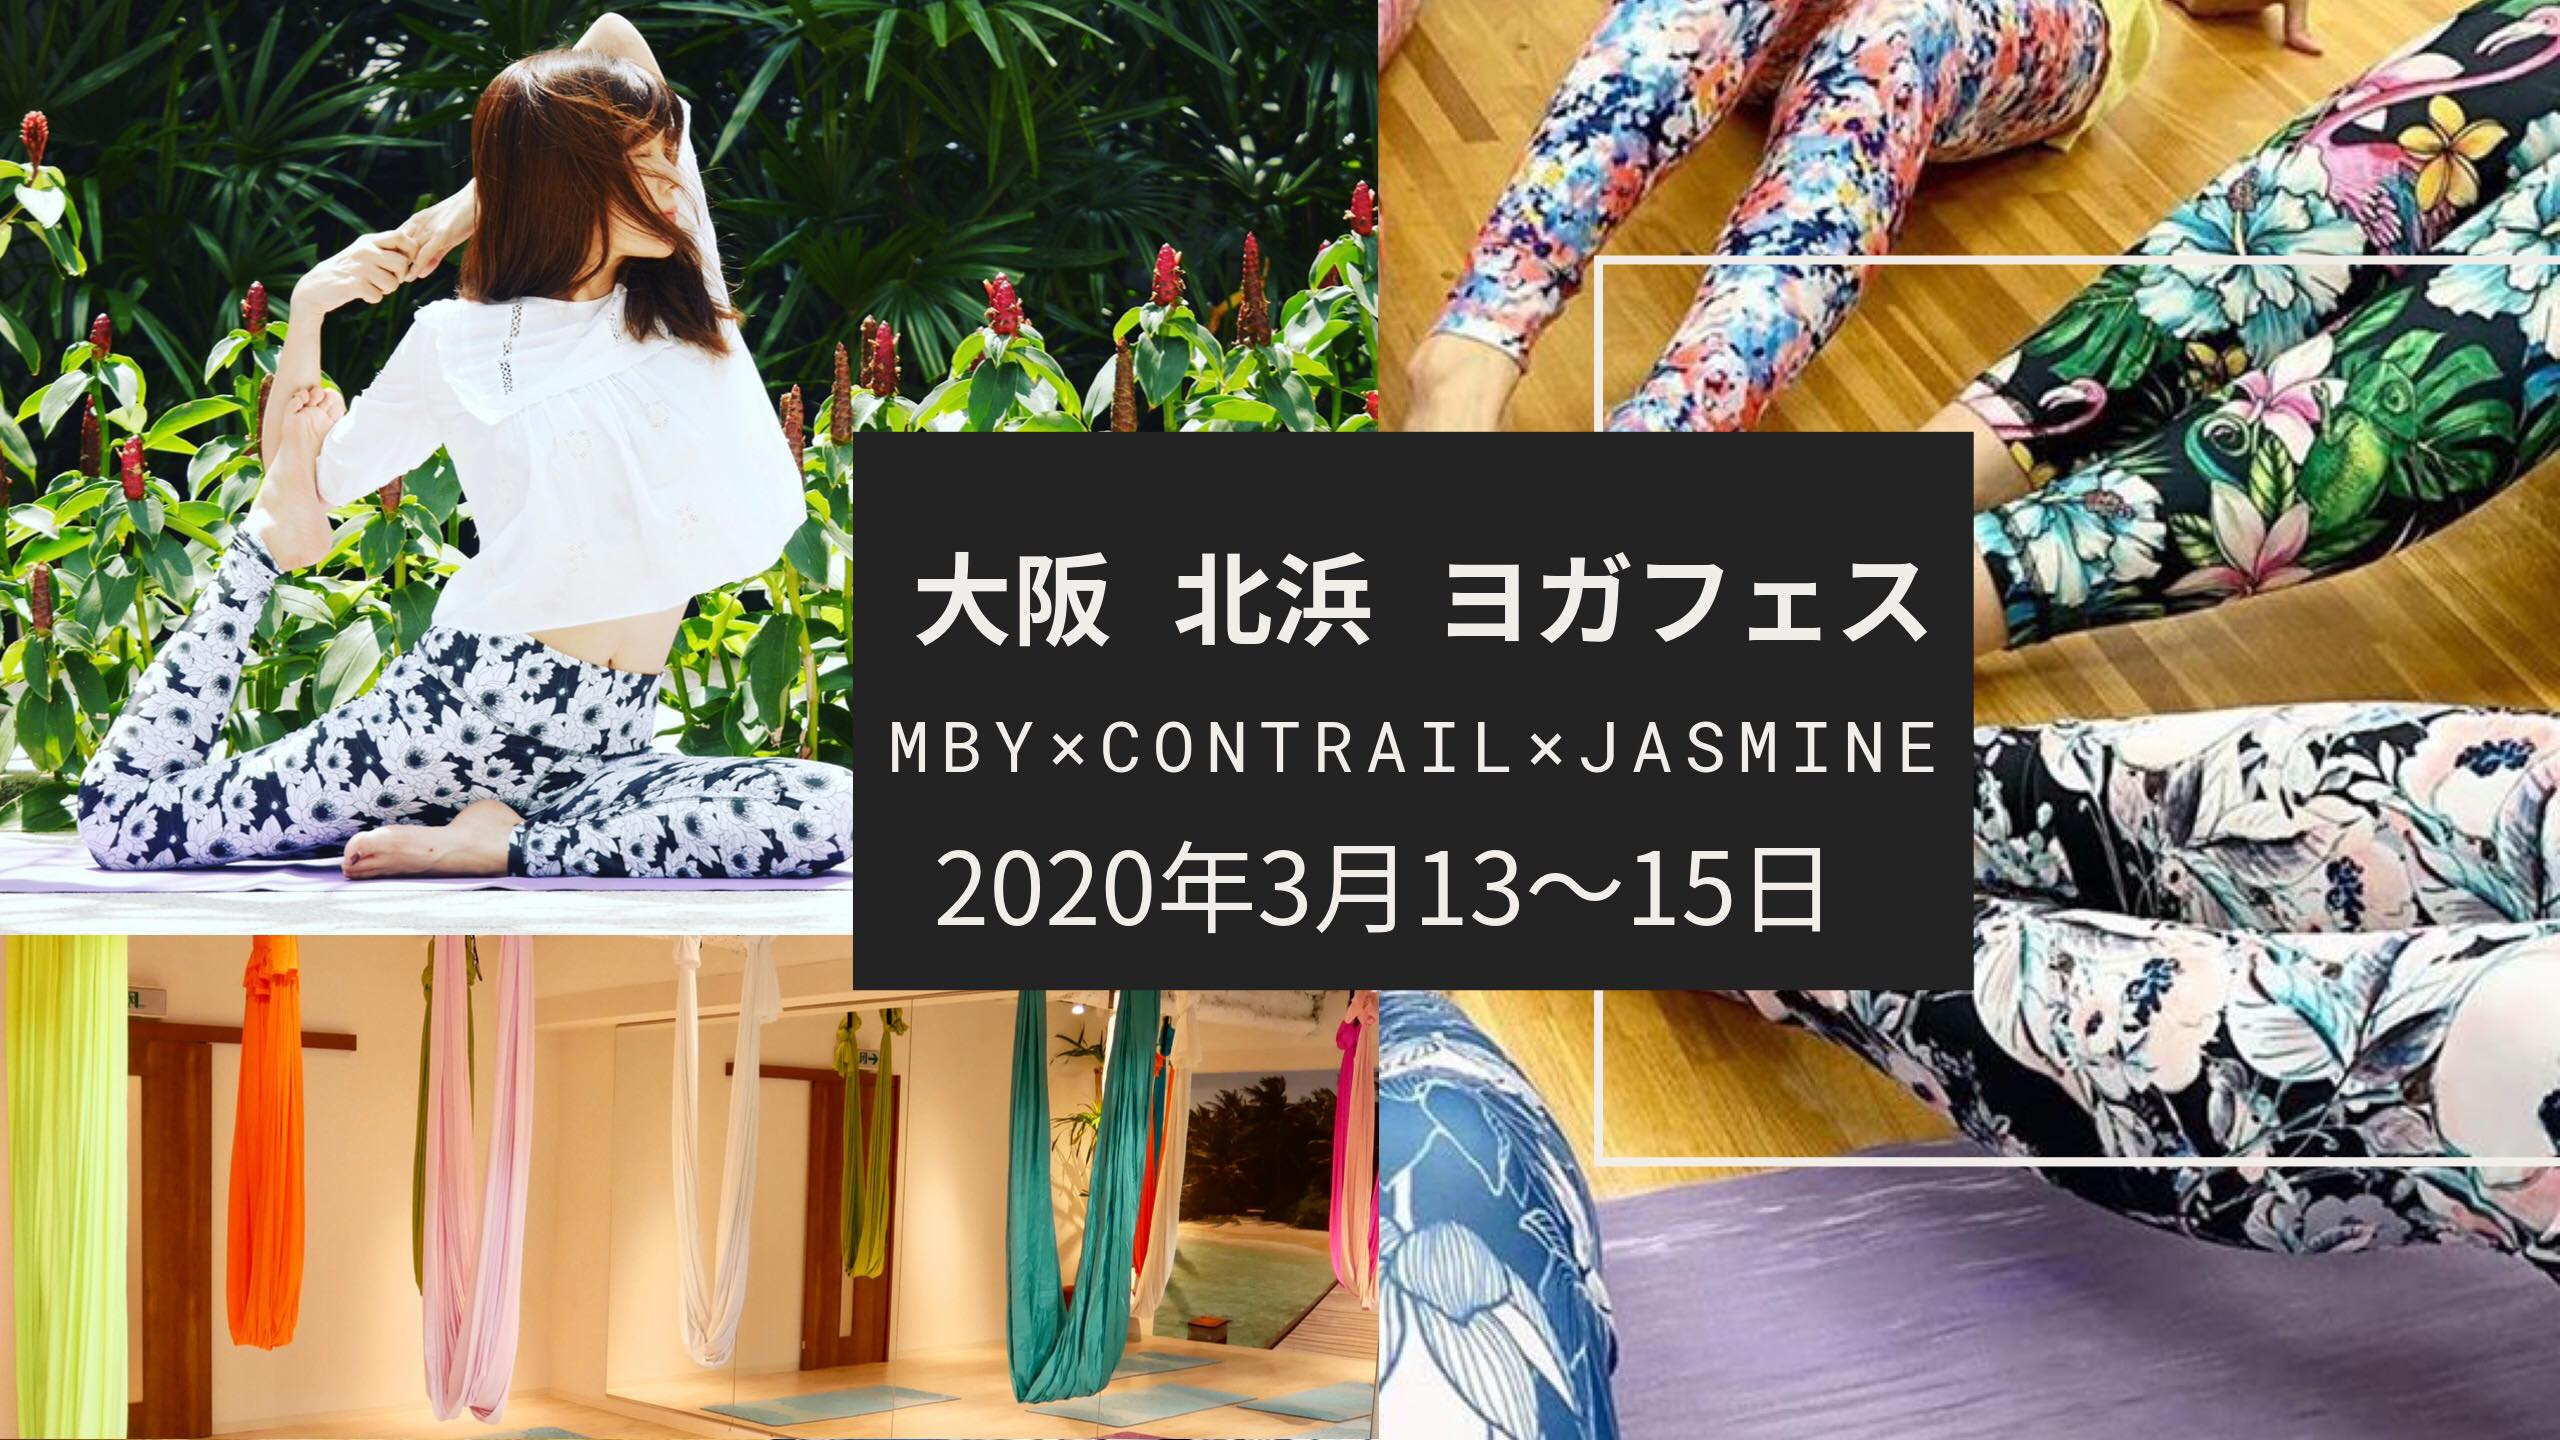 大阪 北浜ヨガフェス 開催!!《2020年3月13日(金)〜15日(日)》